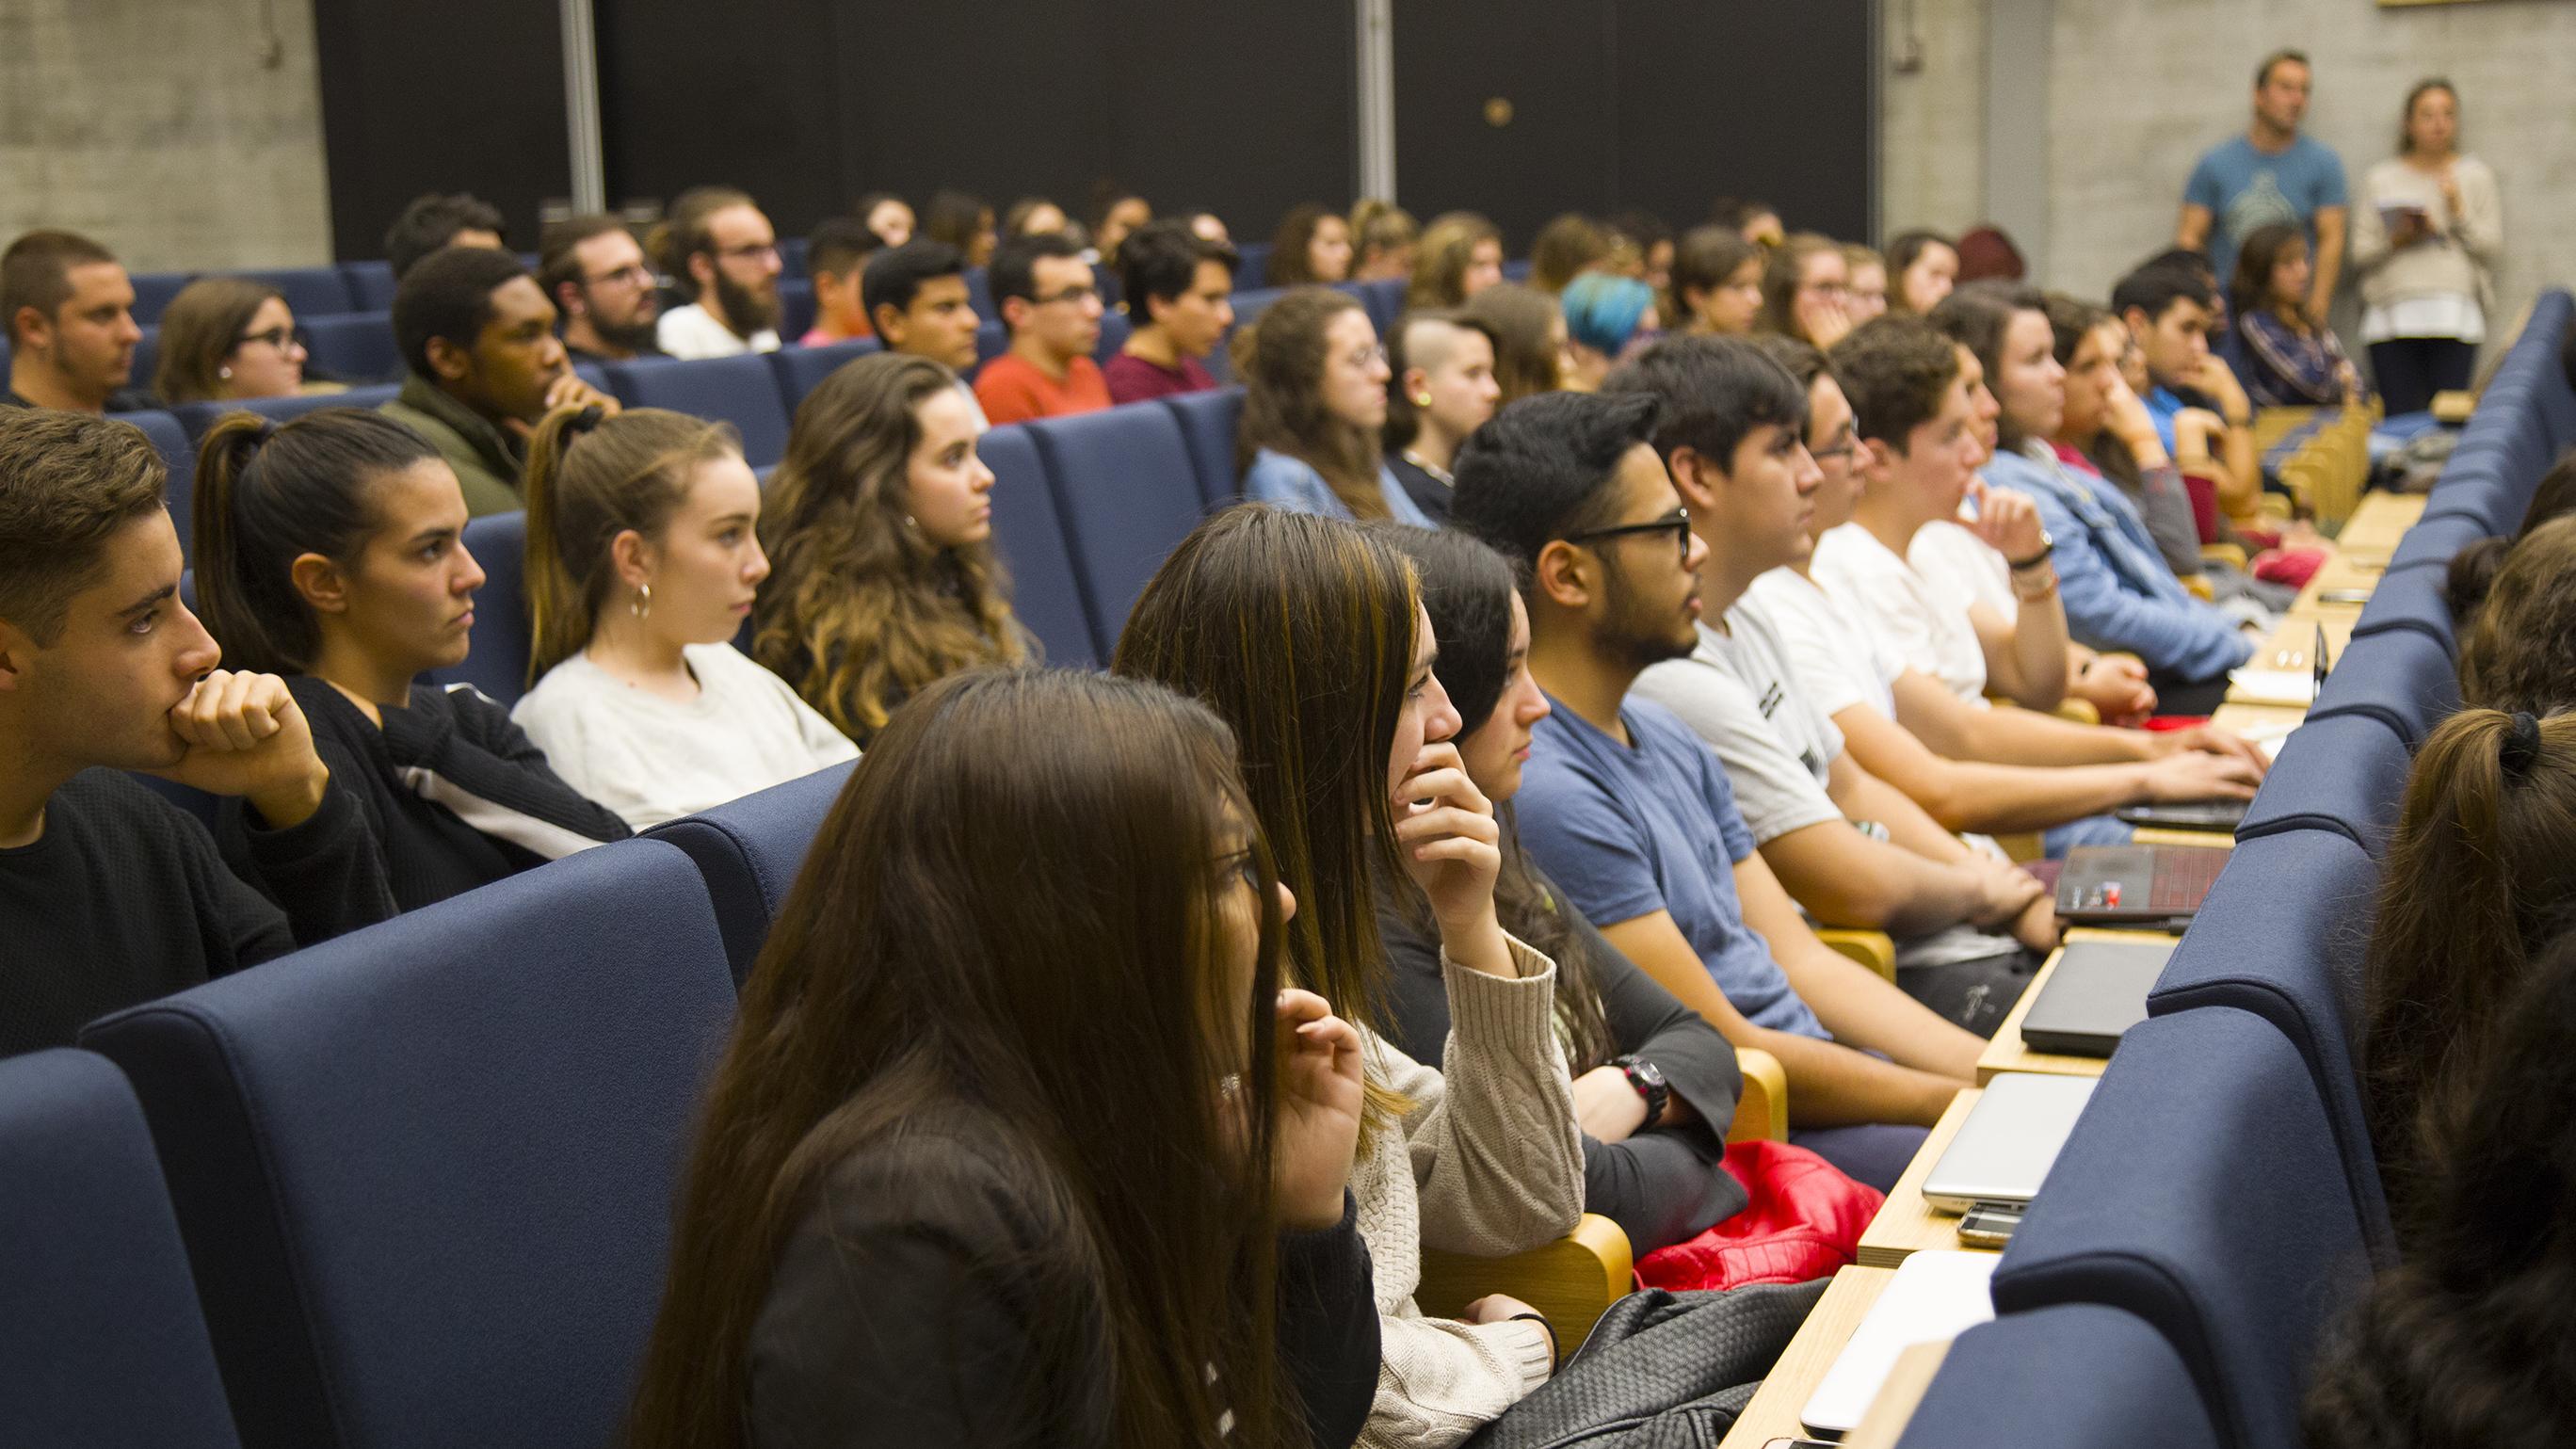 El periodista Paco Grau abre el lunes el curso de formación sobre fundamentos del debate en UNEATLANTICO